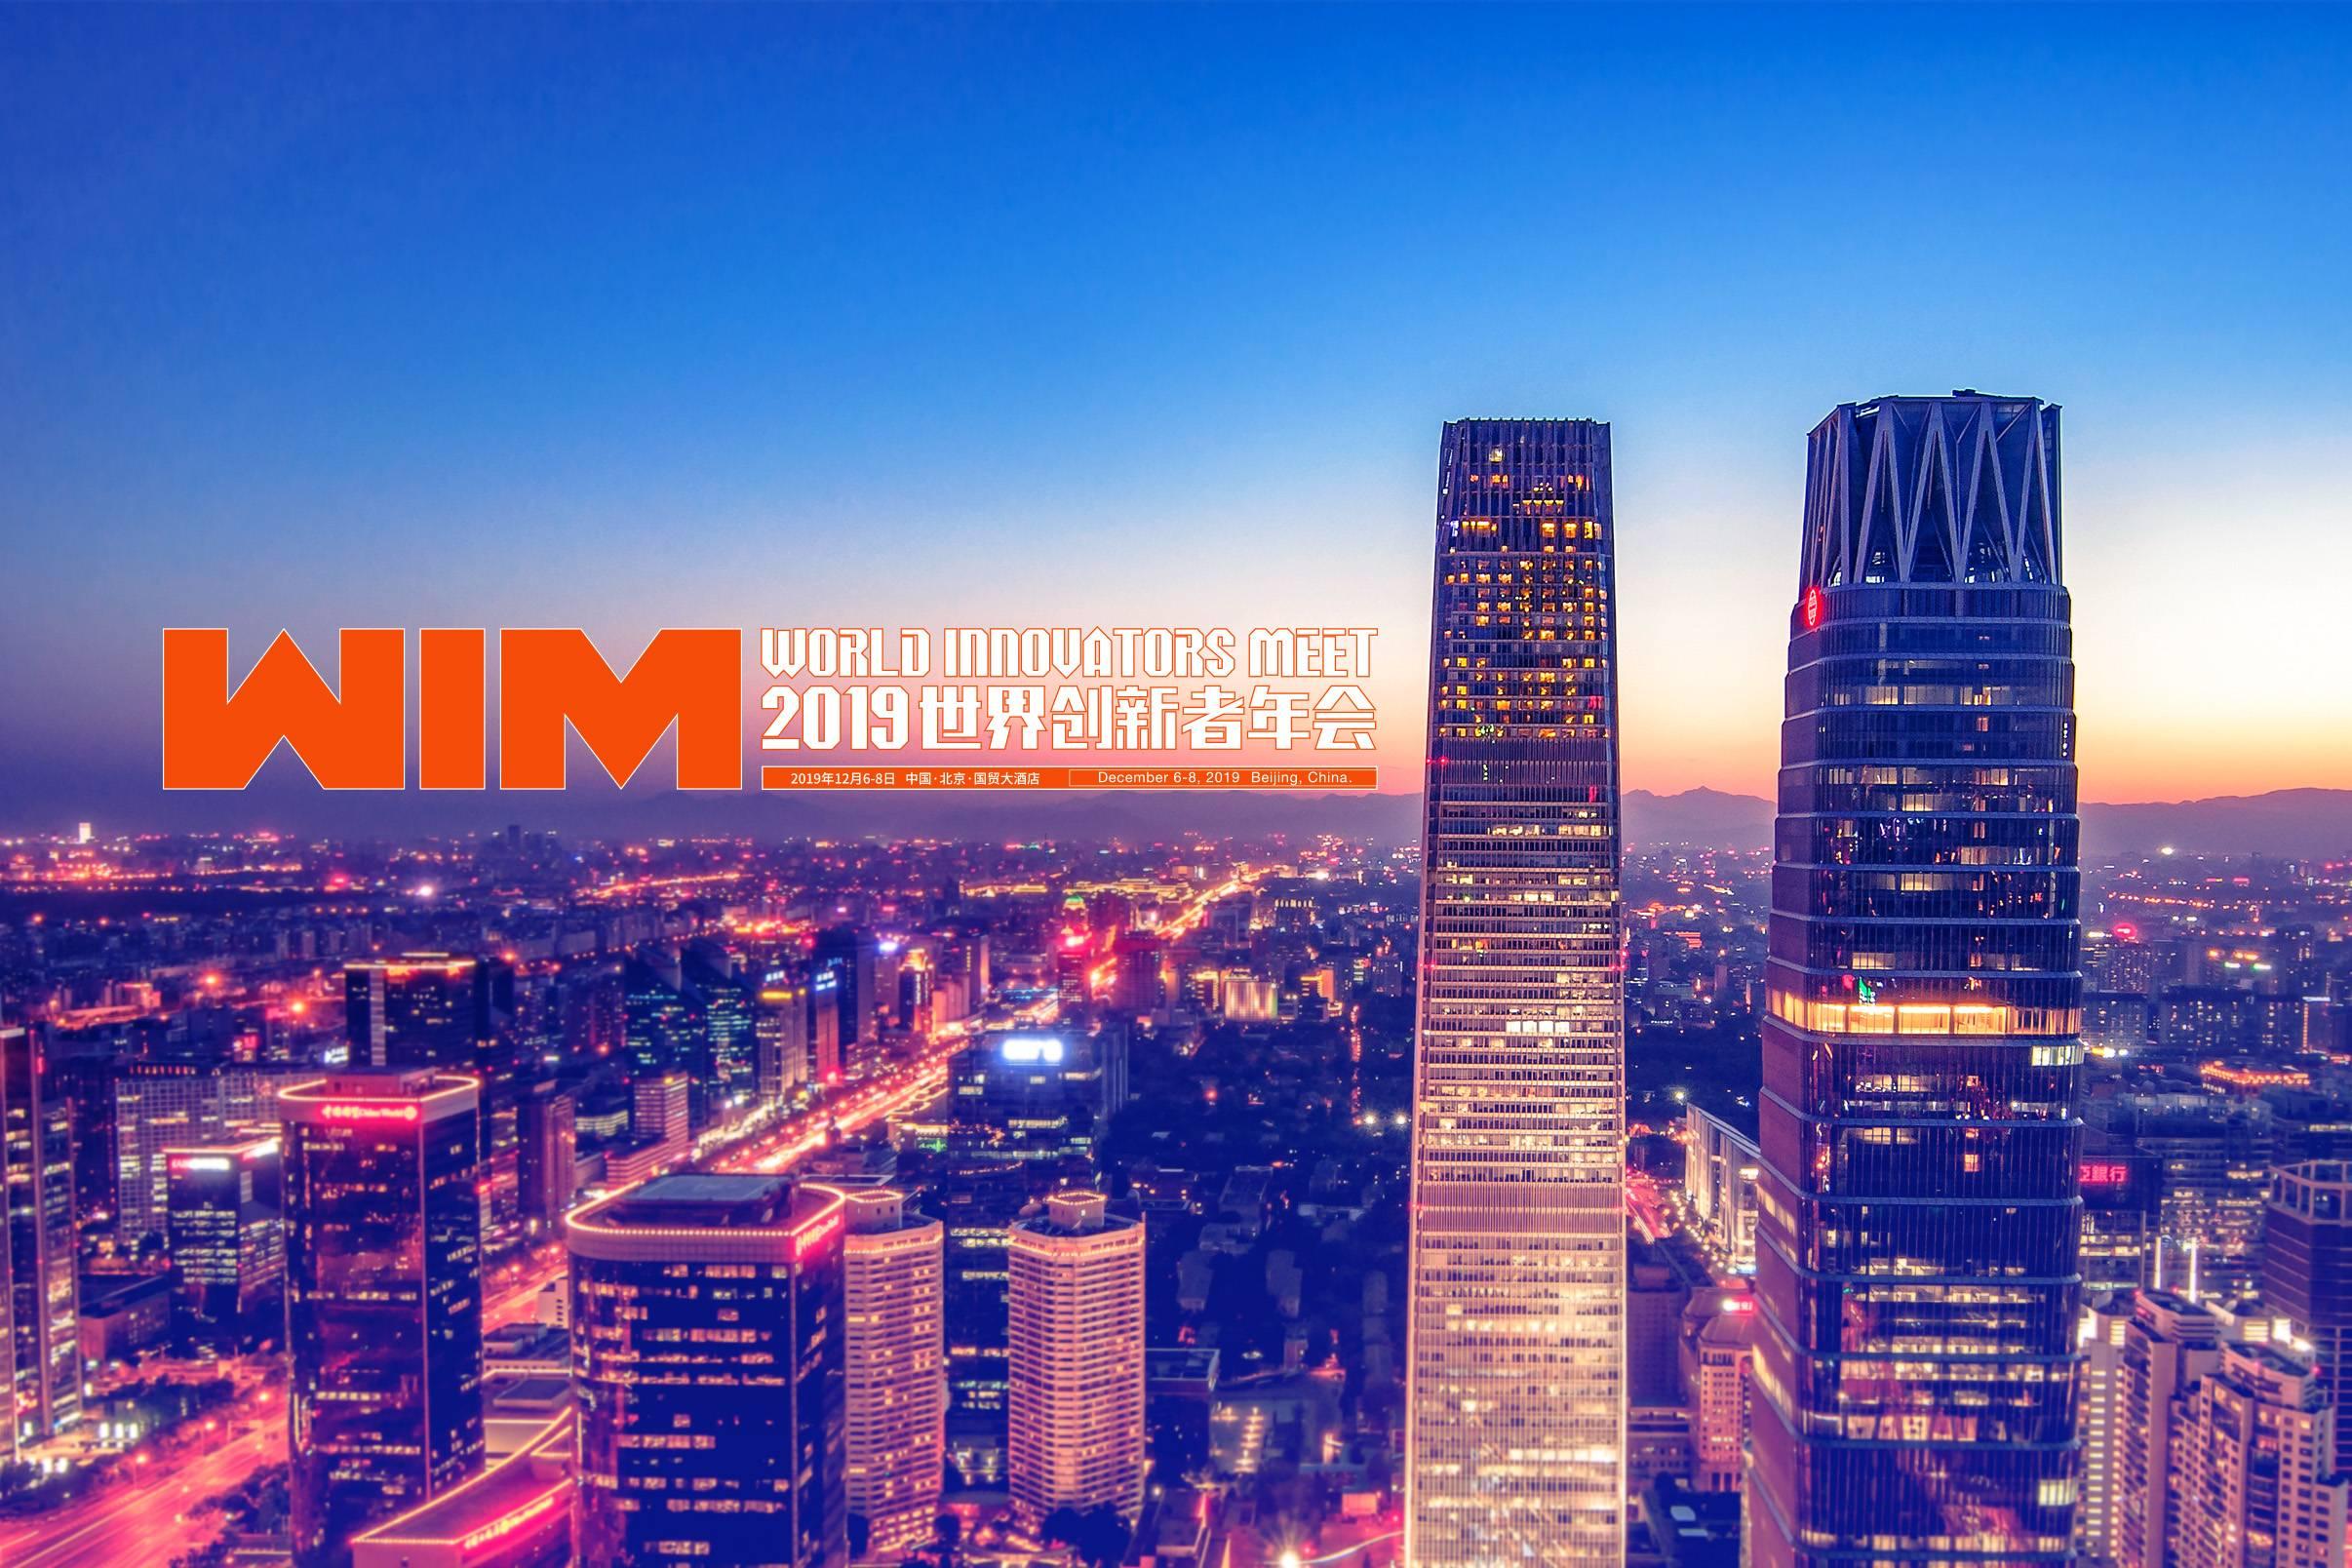 2019年12月,与6000名世界创新者相约北京